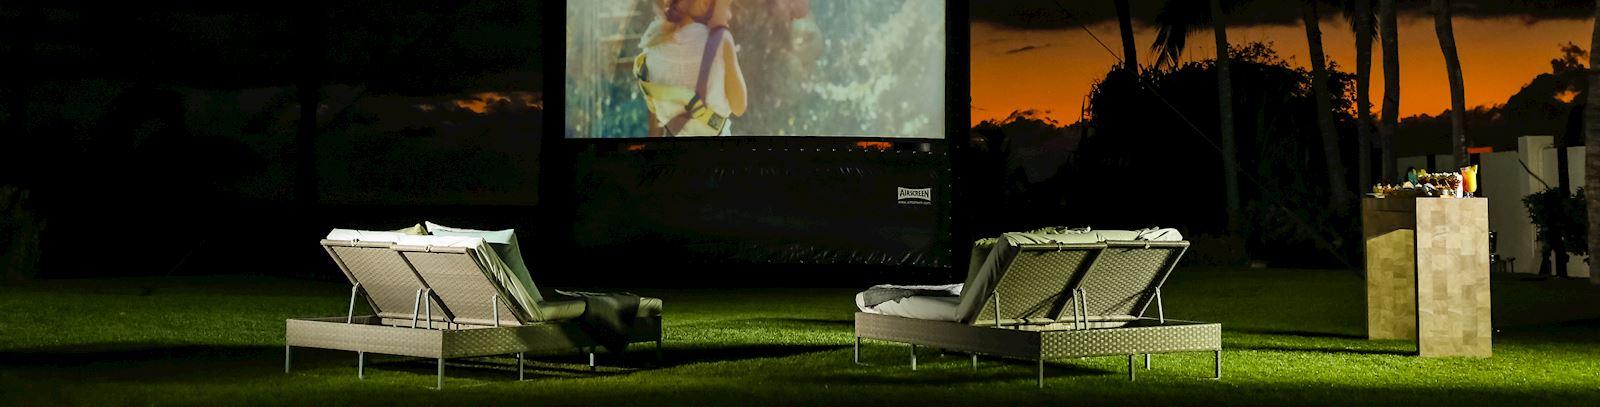 Experiencia cinema en familia - Grand Velas Riviera Nayarit